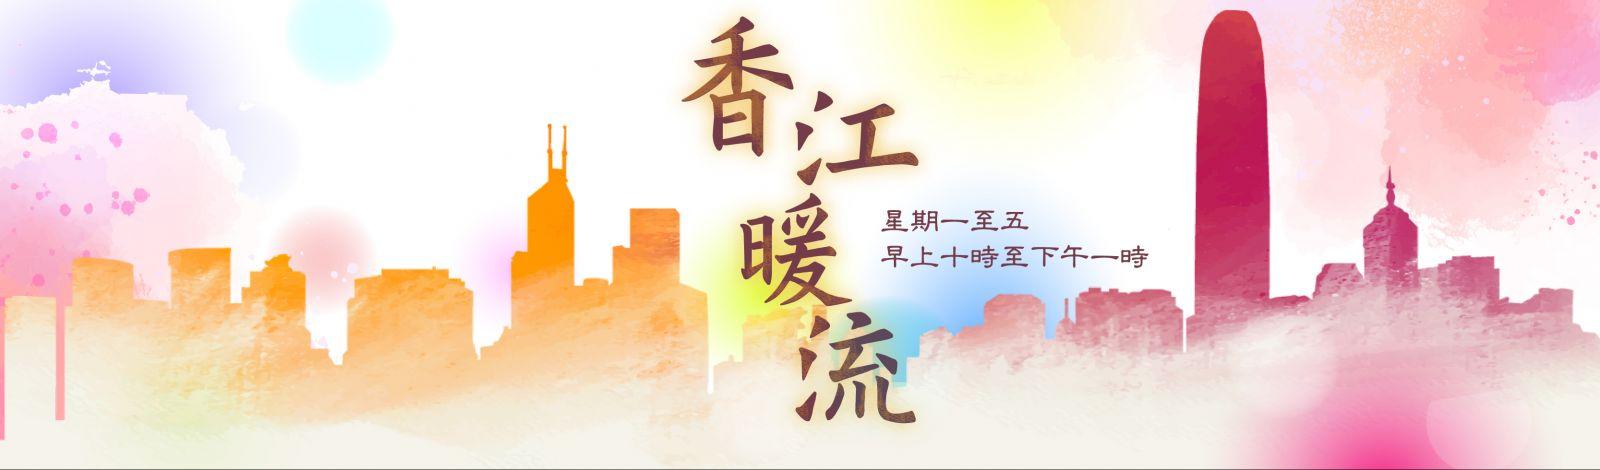 香港電臺網站 : 第五臺|香江暖流|《黃金世代》: 梁萬福醫生 (老人科專科醫生)(下)